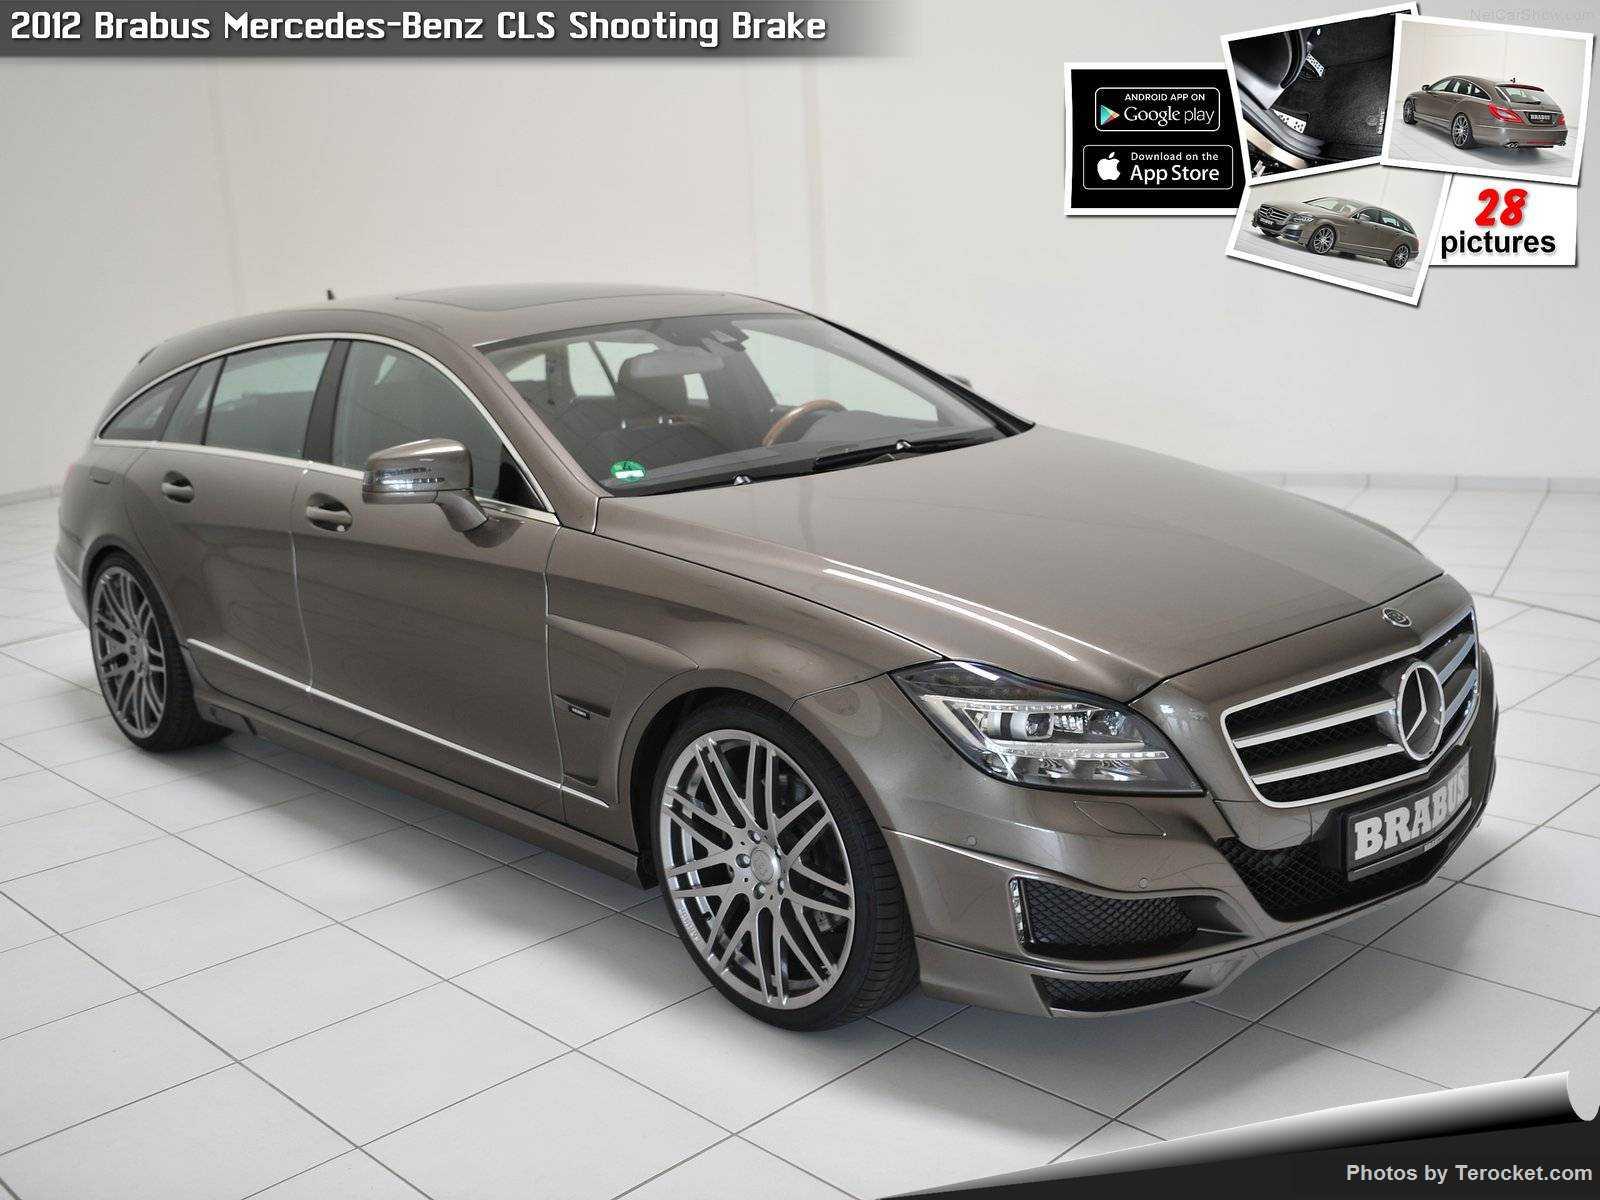 Hình ảnh xe ô tô Brabus Mercedes-Benz CLS Shooting Brake 2012 & nội ngoại thất